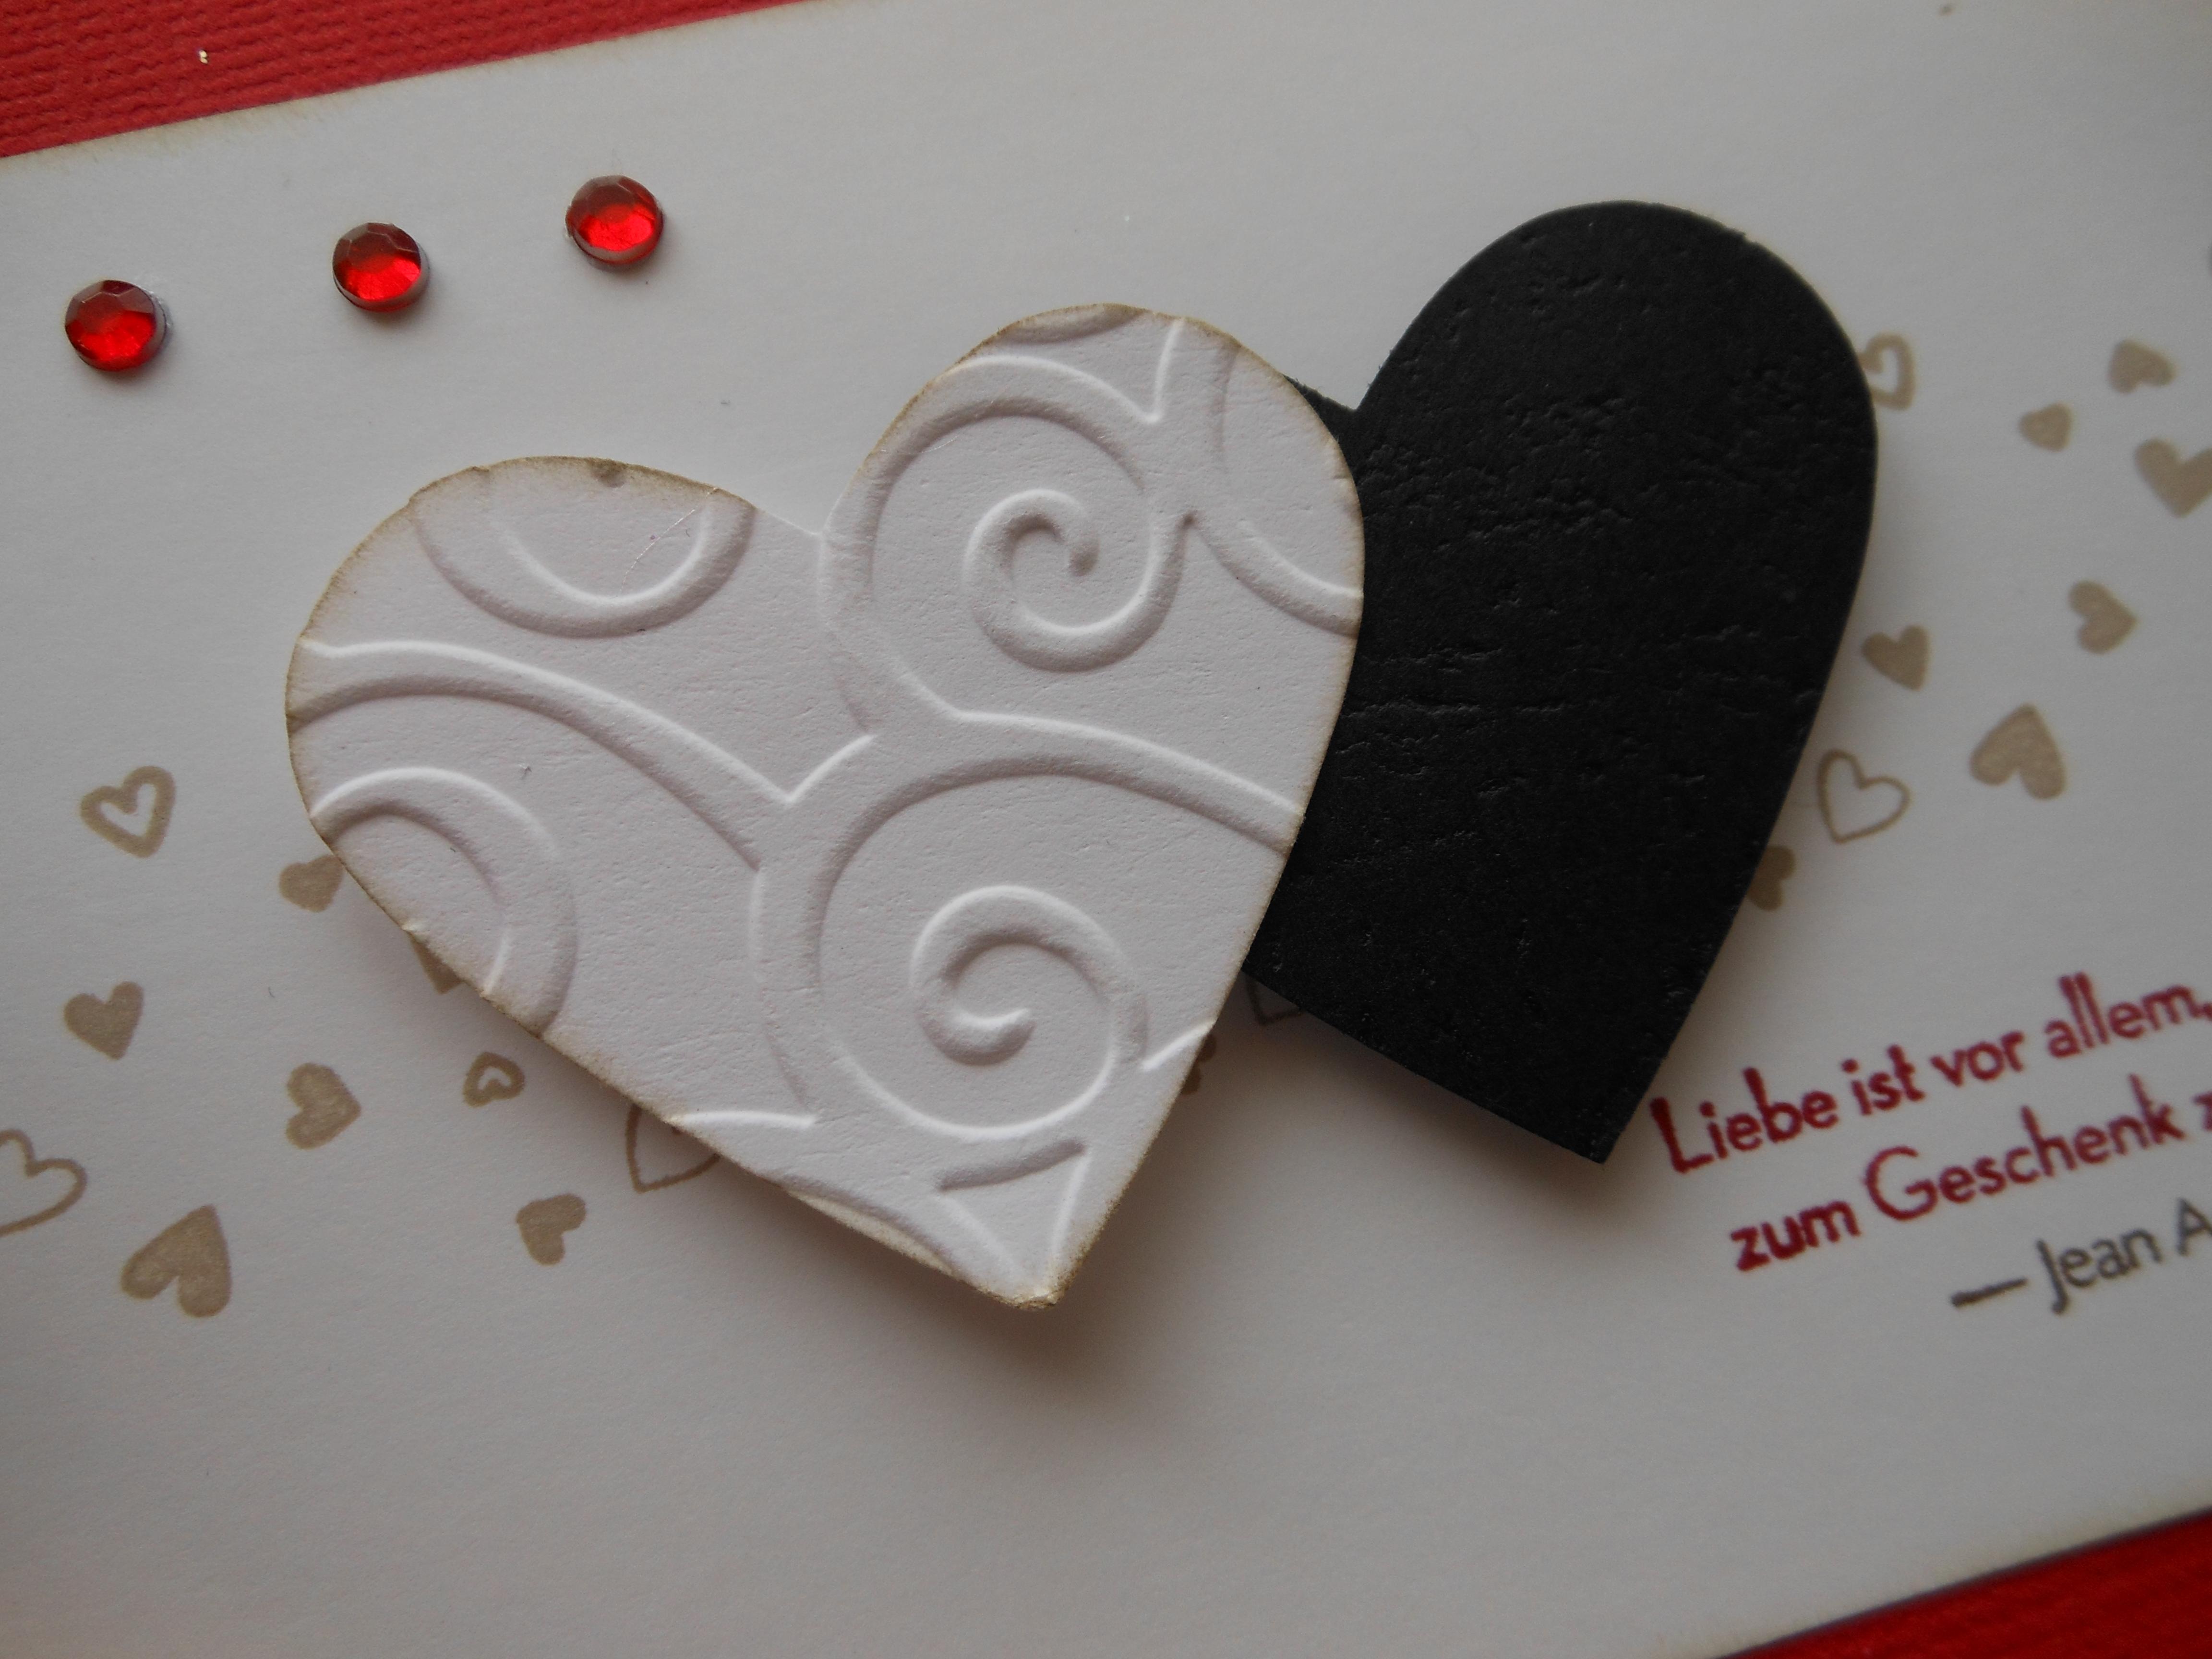 Einladungskarten Hochzeit Fingerabdruck R 3098 F3 Jpg Pictures to pin ...